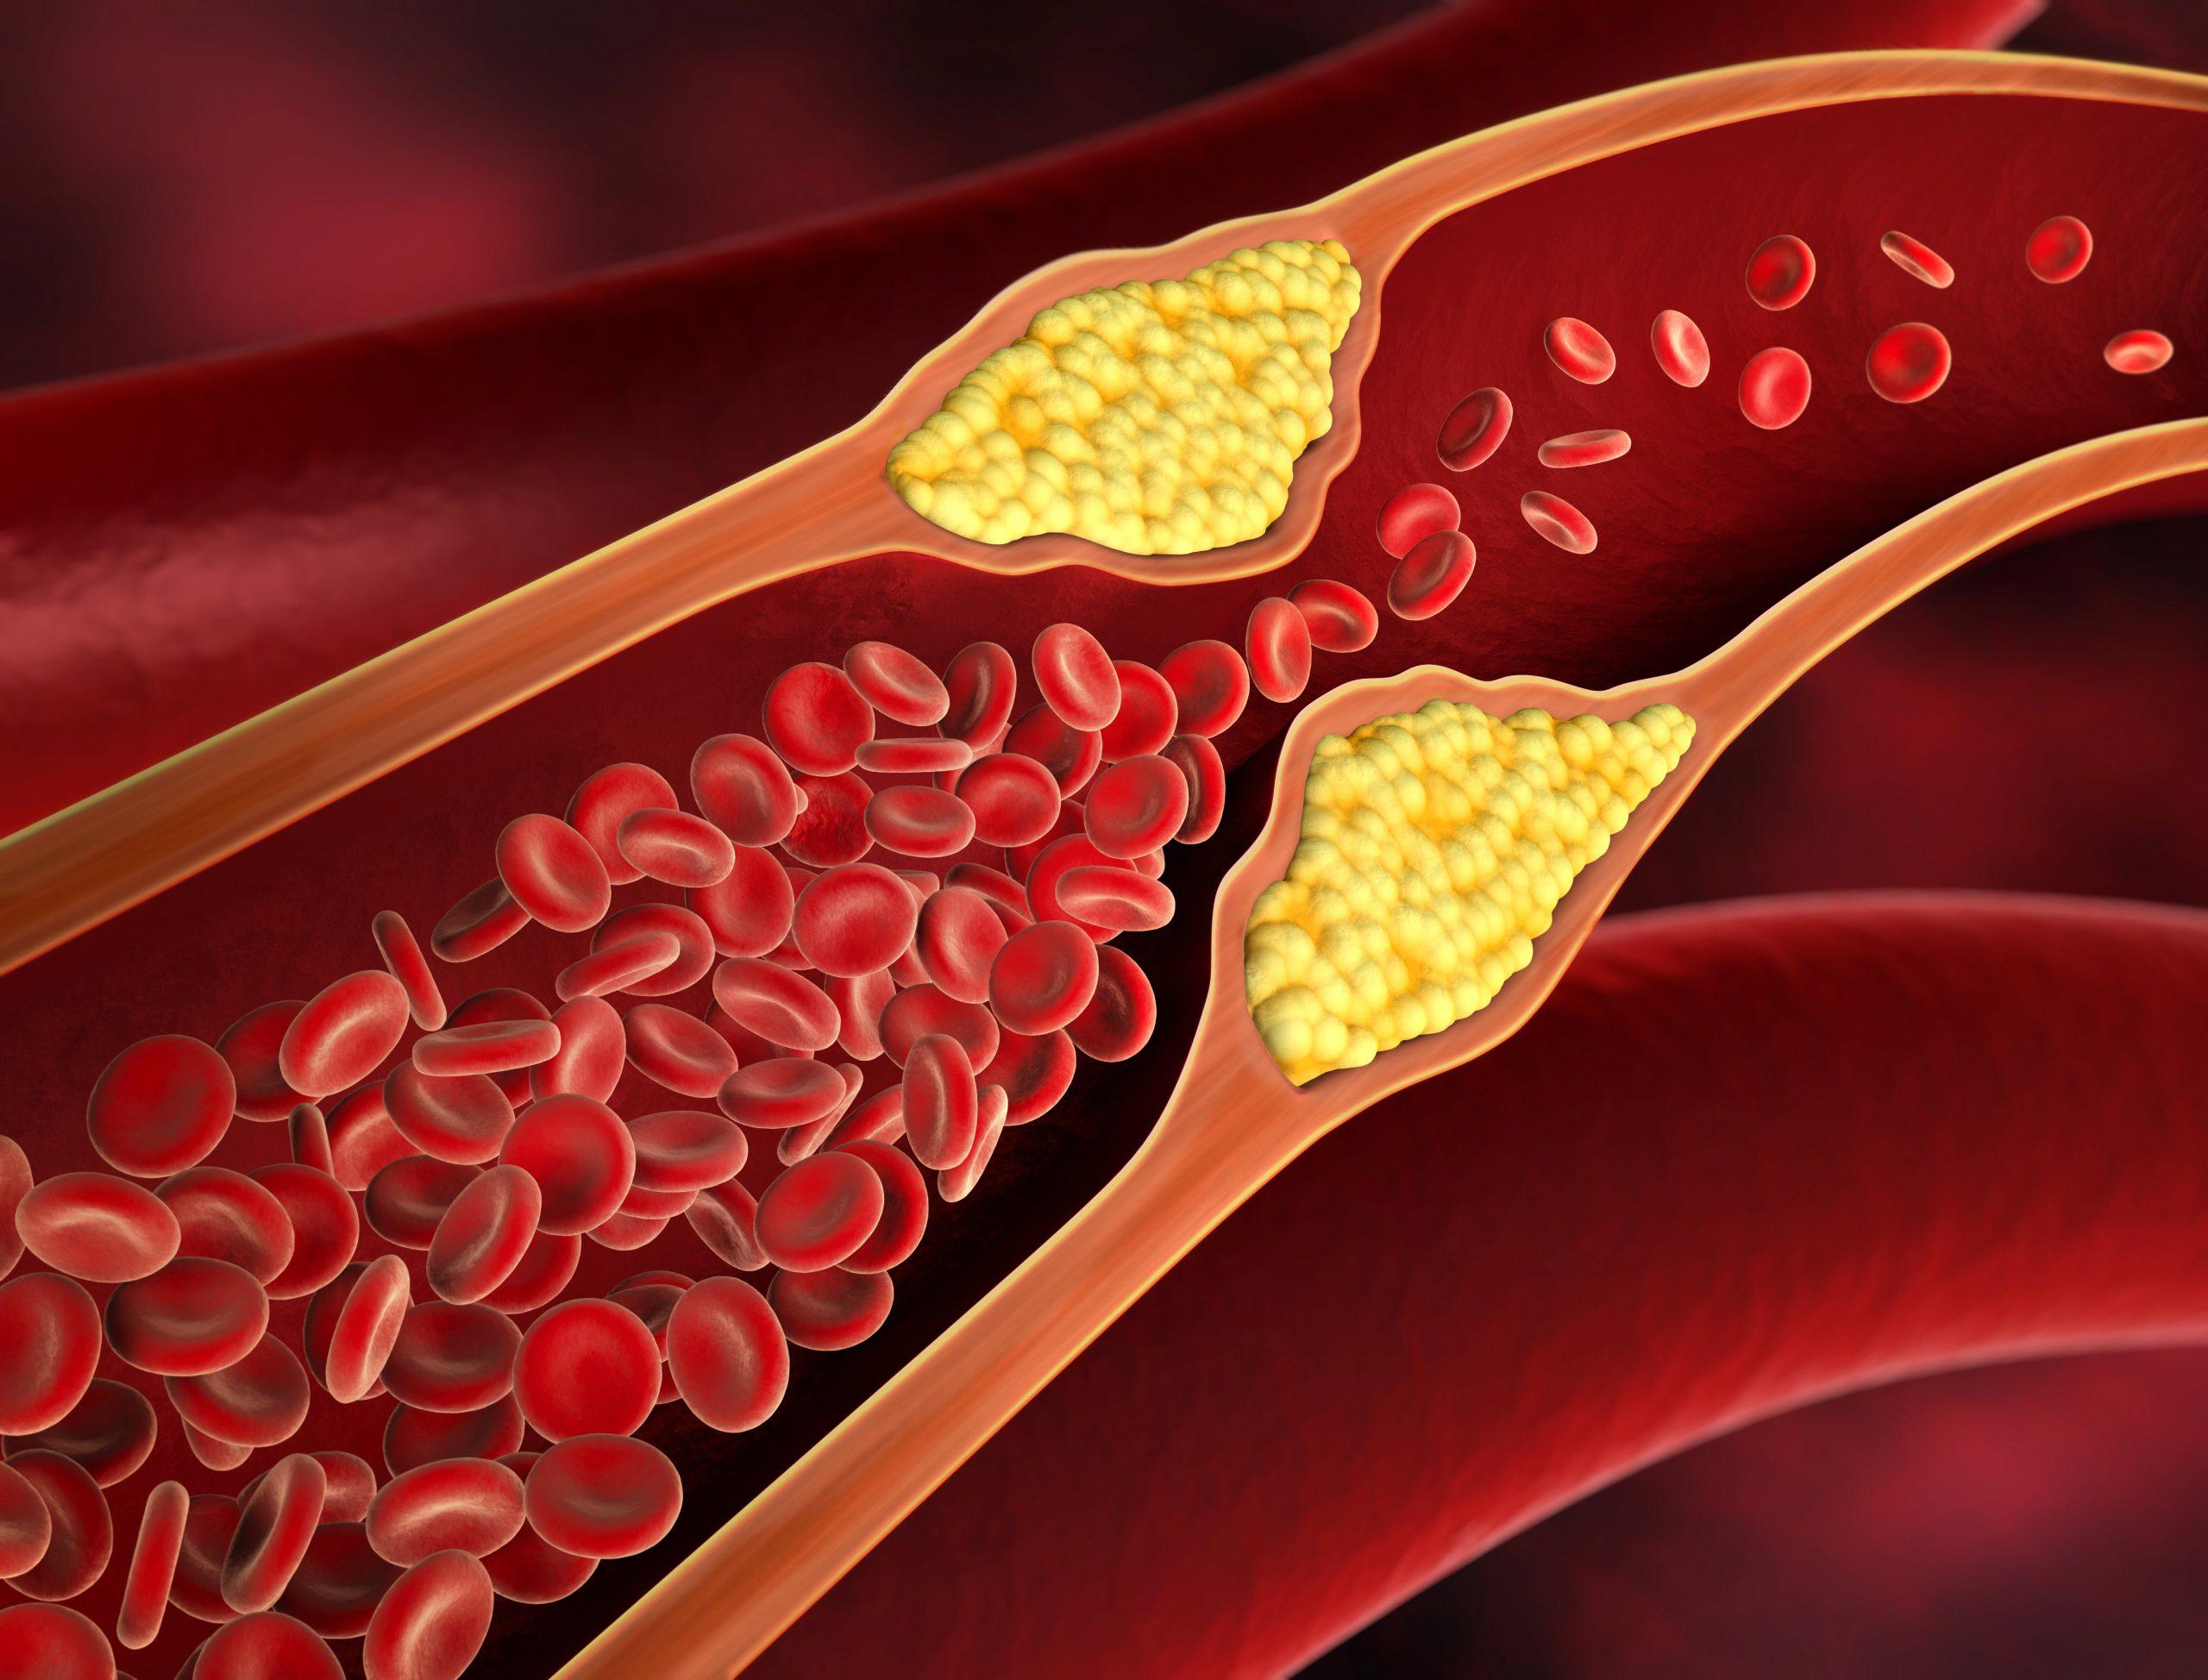 Μείωση της Χοληστερίνης με φυσικό τρόπο